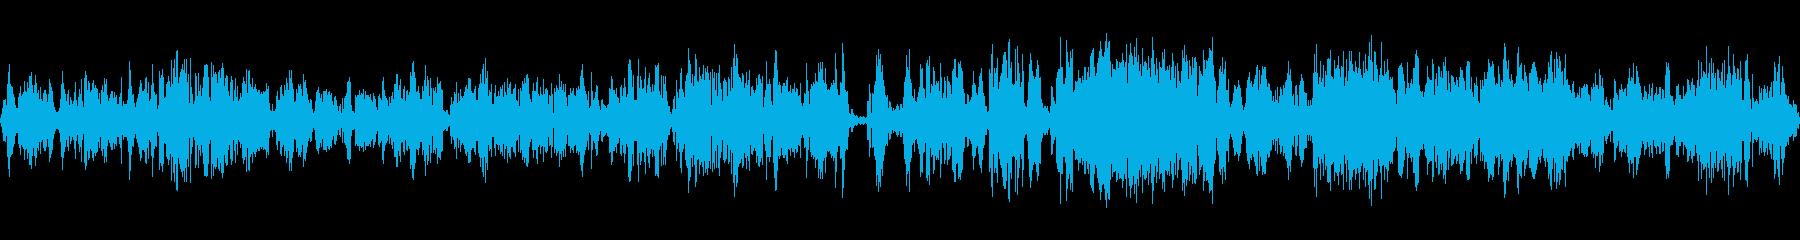 テレビ、静的、テレビでのチャンネルの変更の再生済みの波形